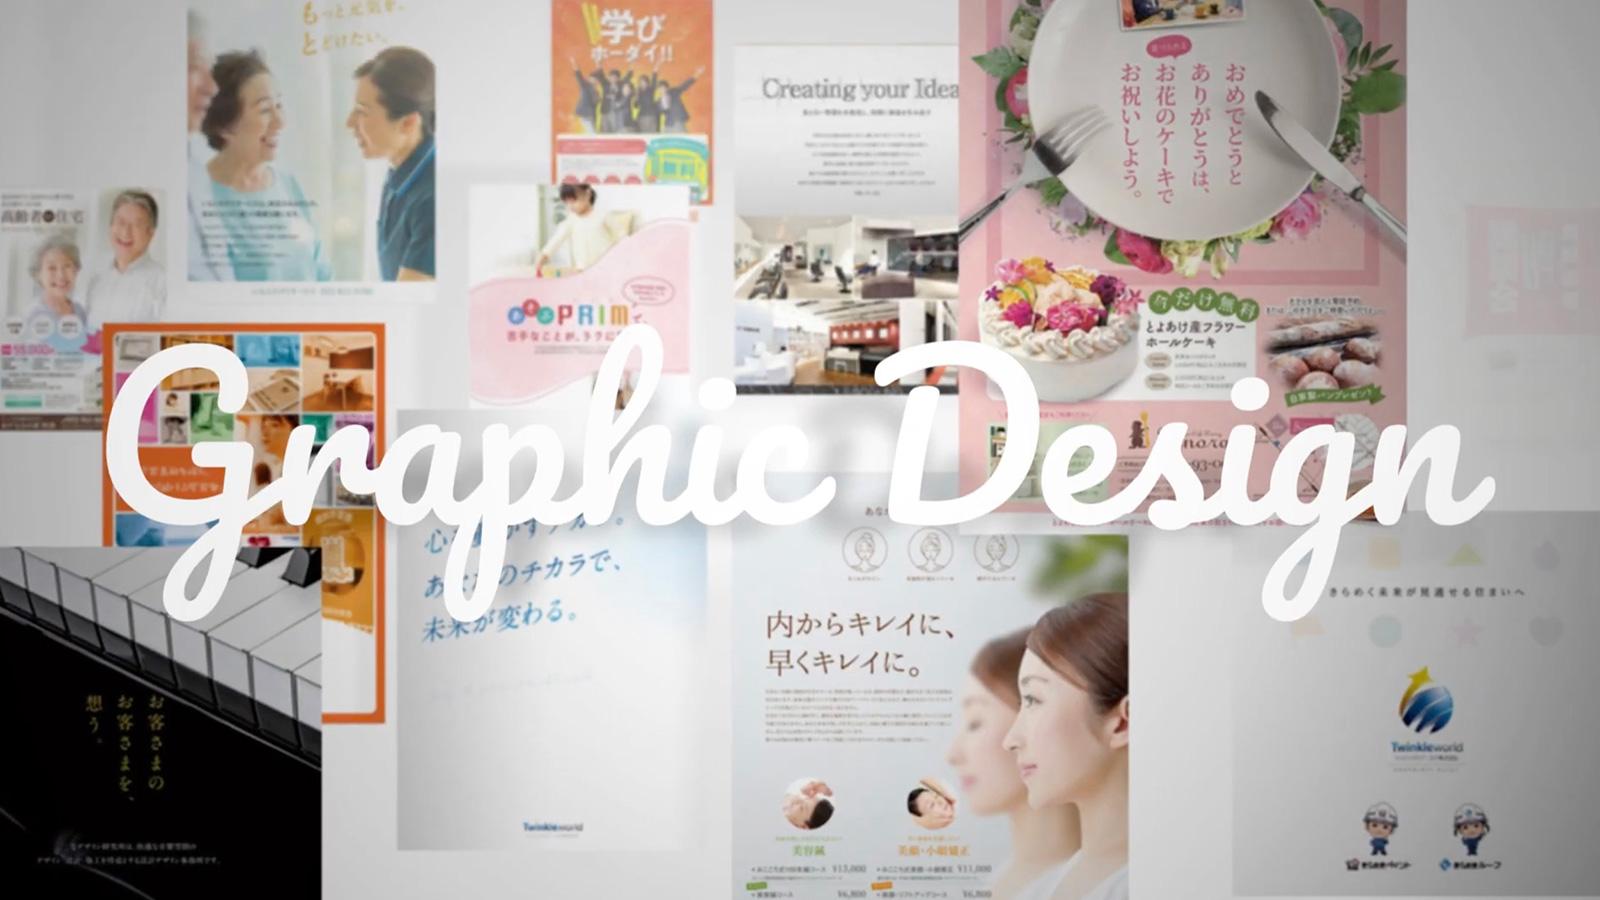 グラフィティーweb用映像